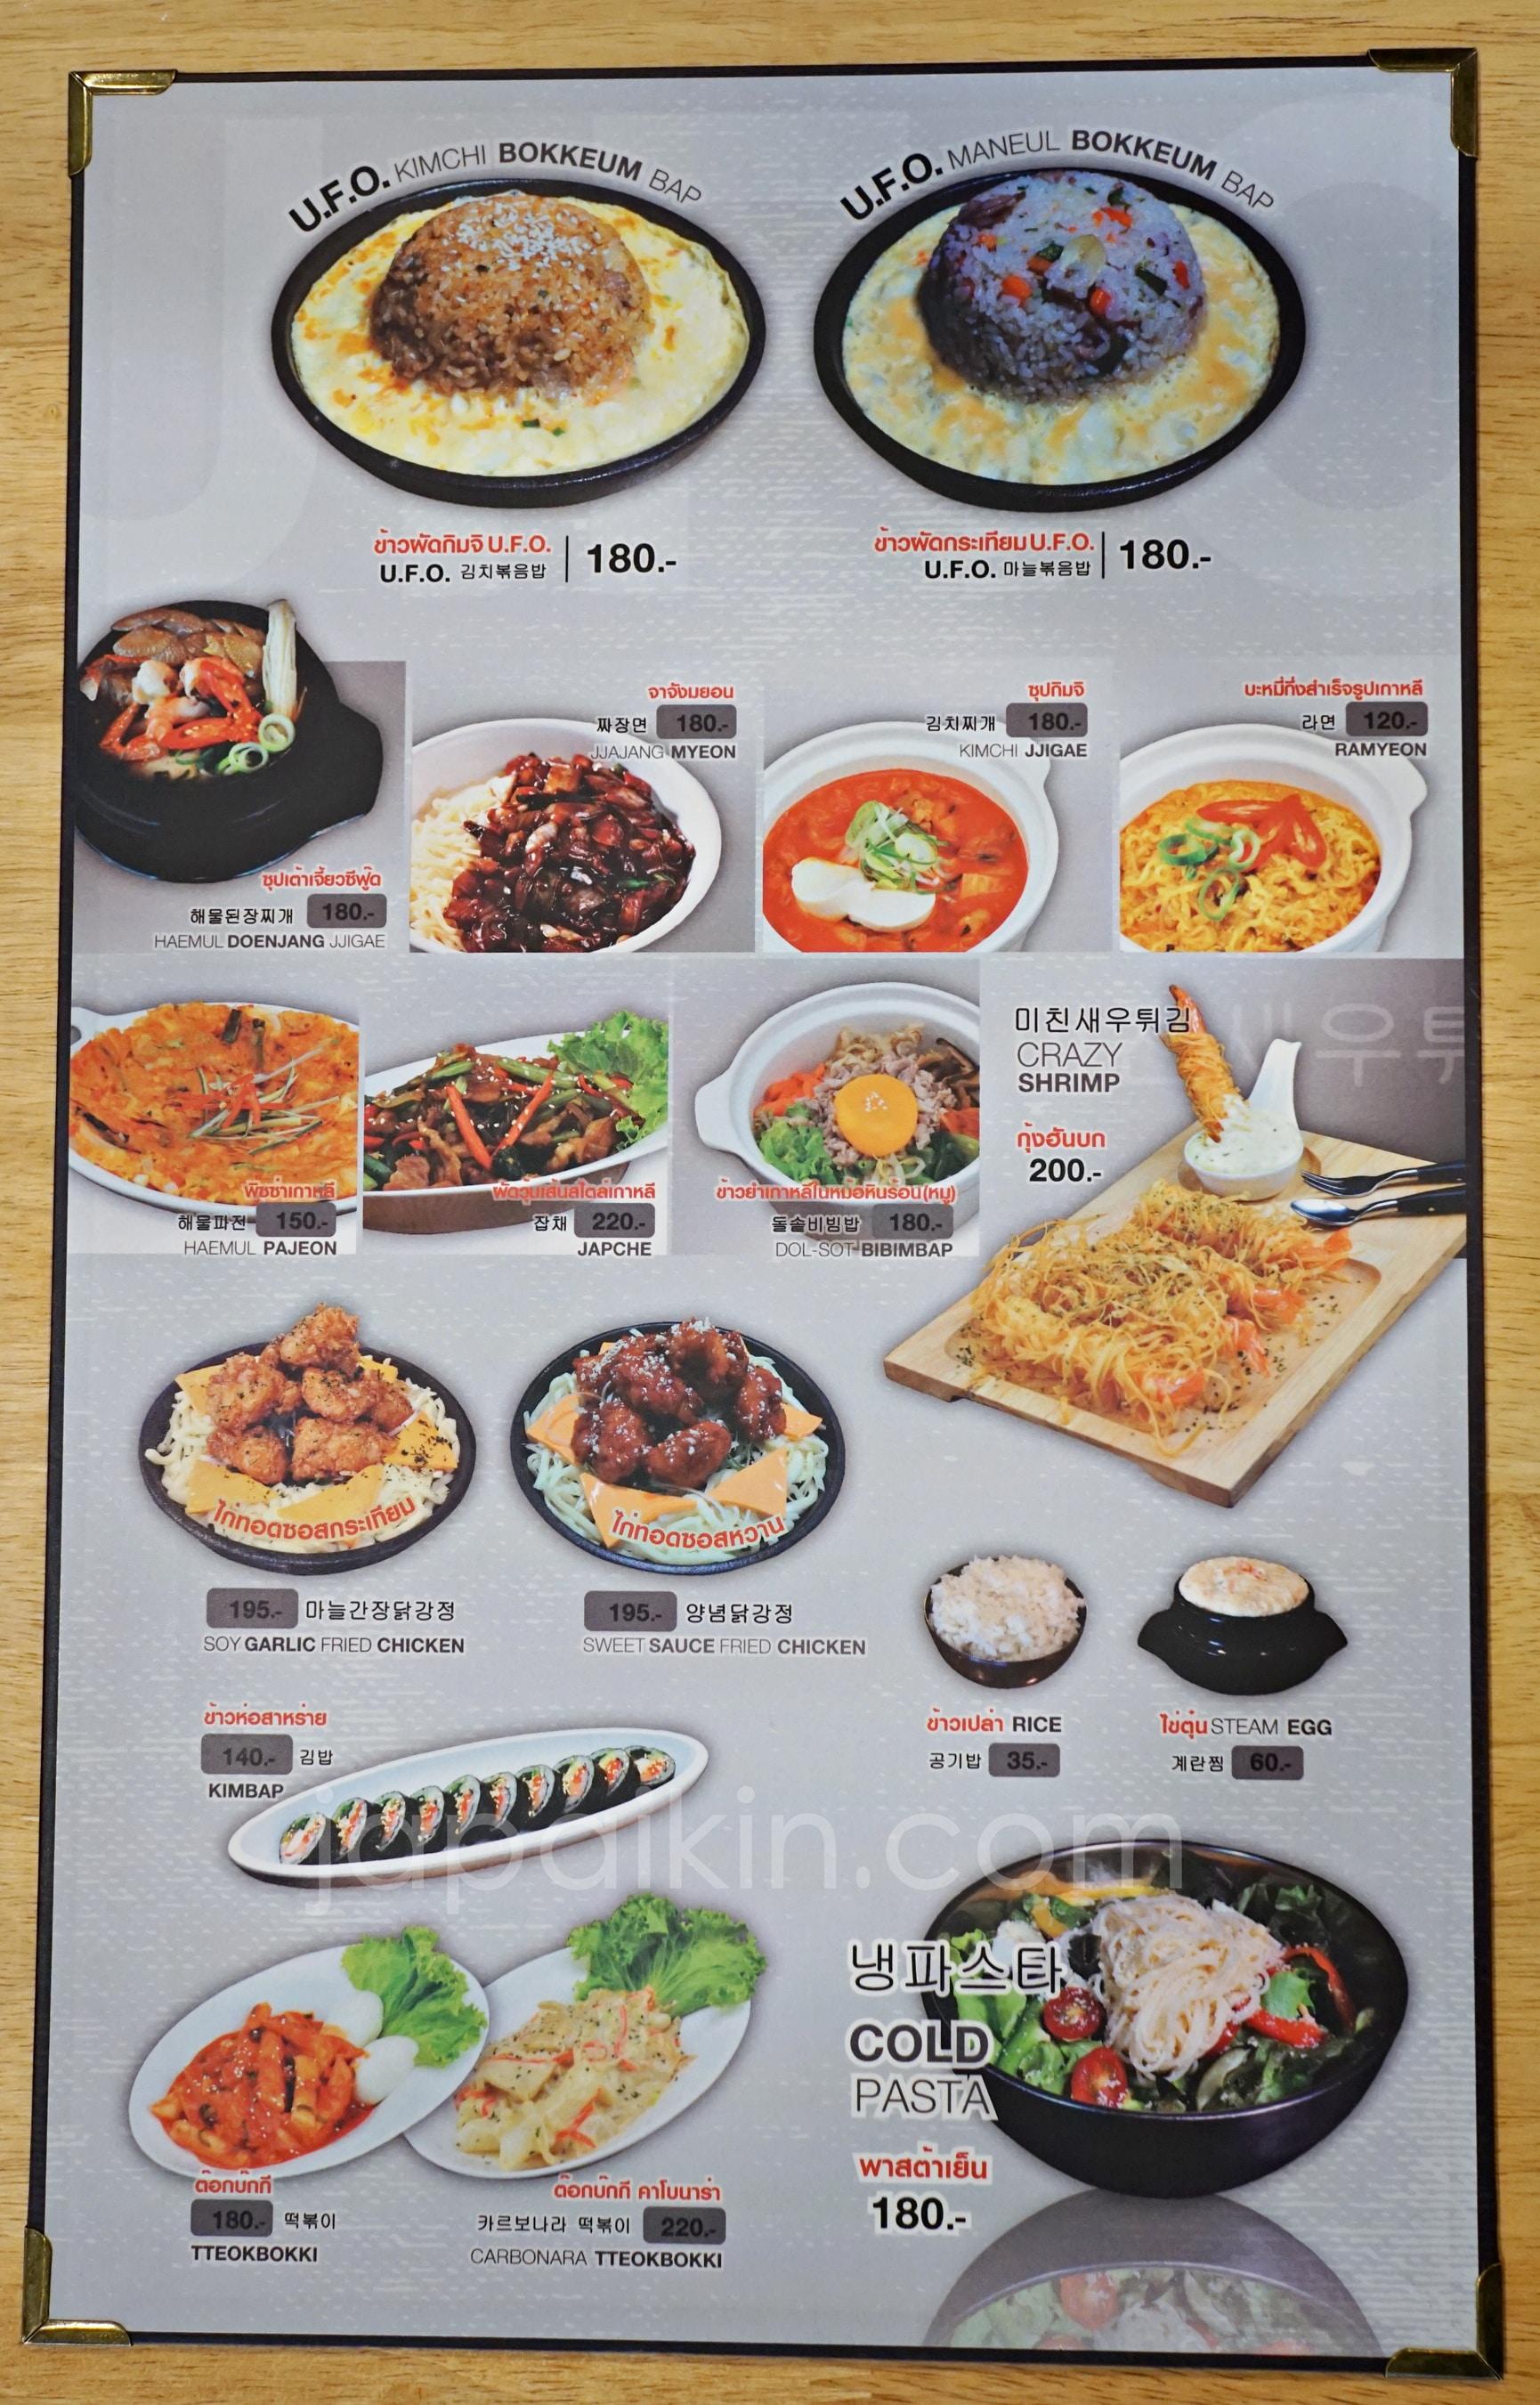 เมนูร้านซารางแฮ หน้า 2